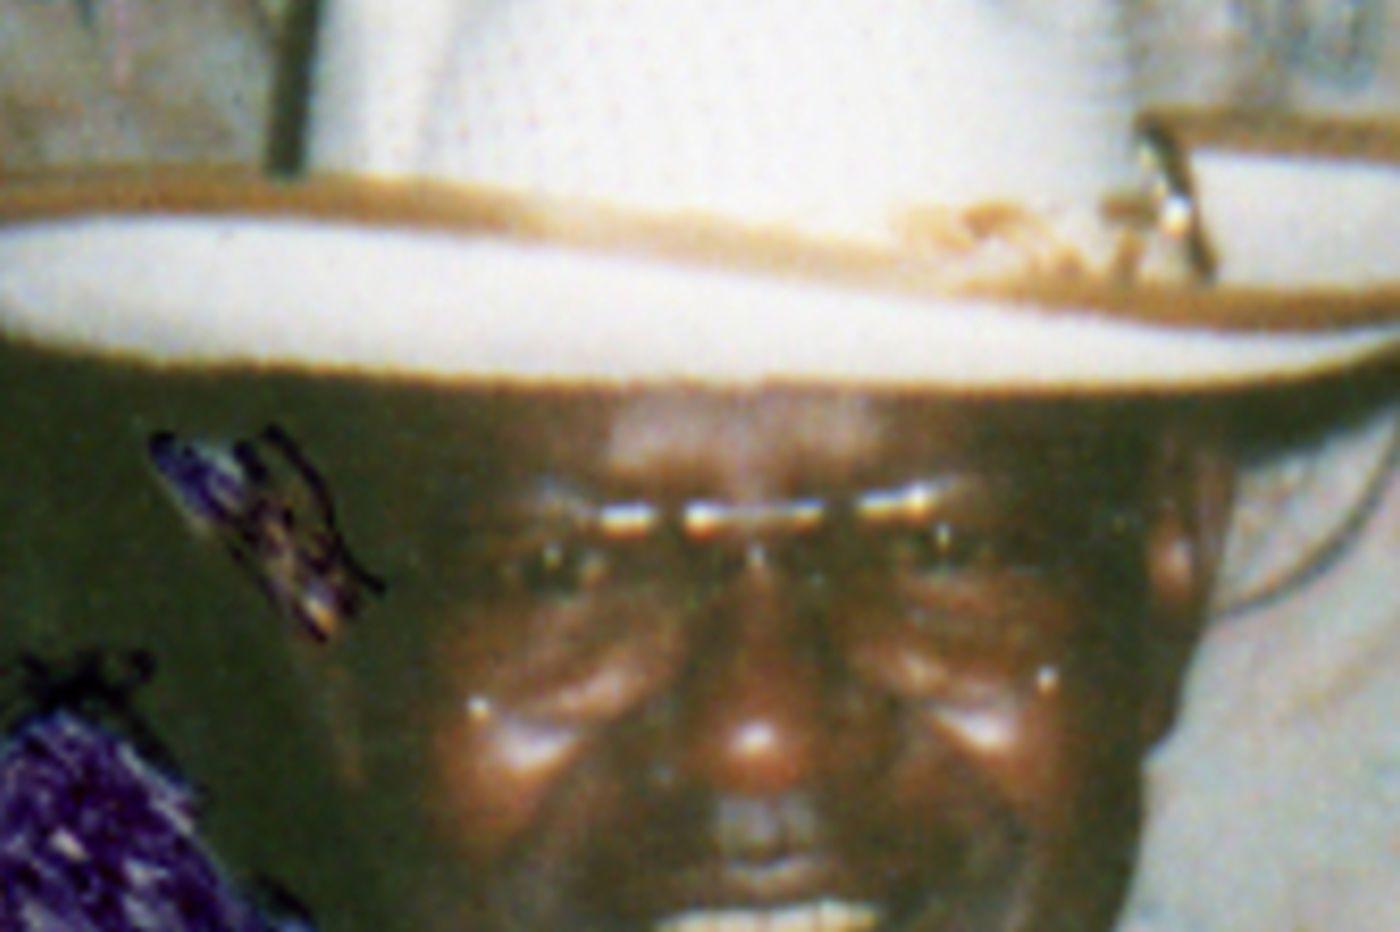 Emmanuel Chukwueke, 73, educator